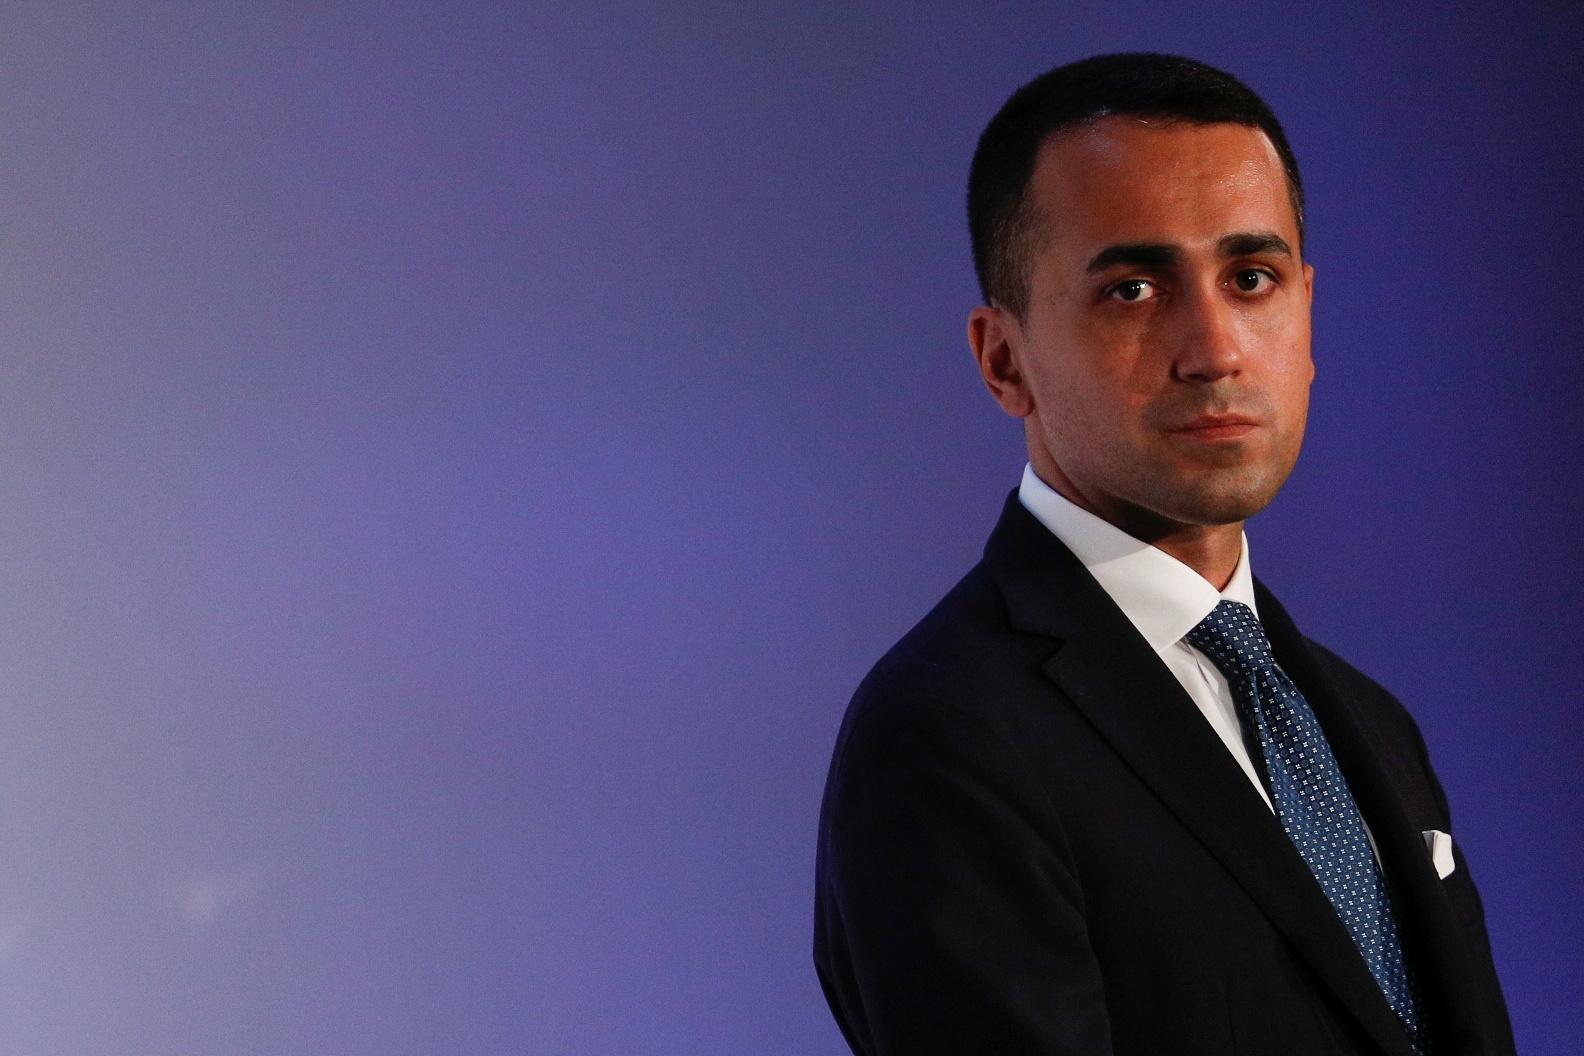 دي مايو يعلن عن زيارة قريبة لليبيا وينفي تمويل إيطاليا لخفر سواحلها